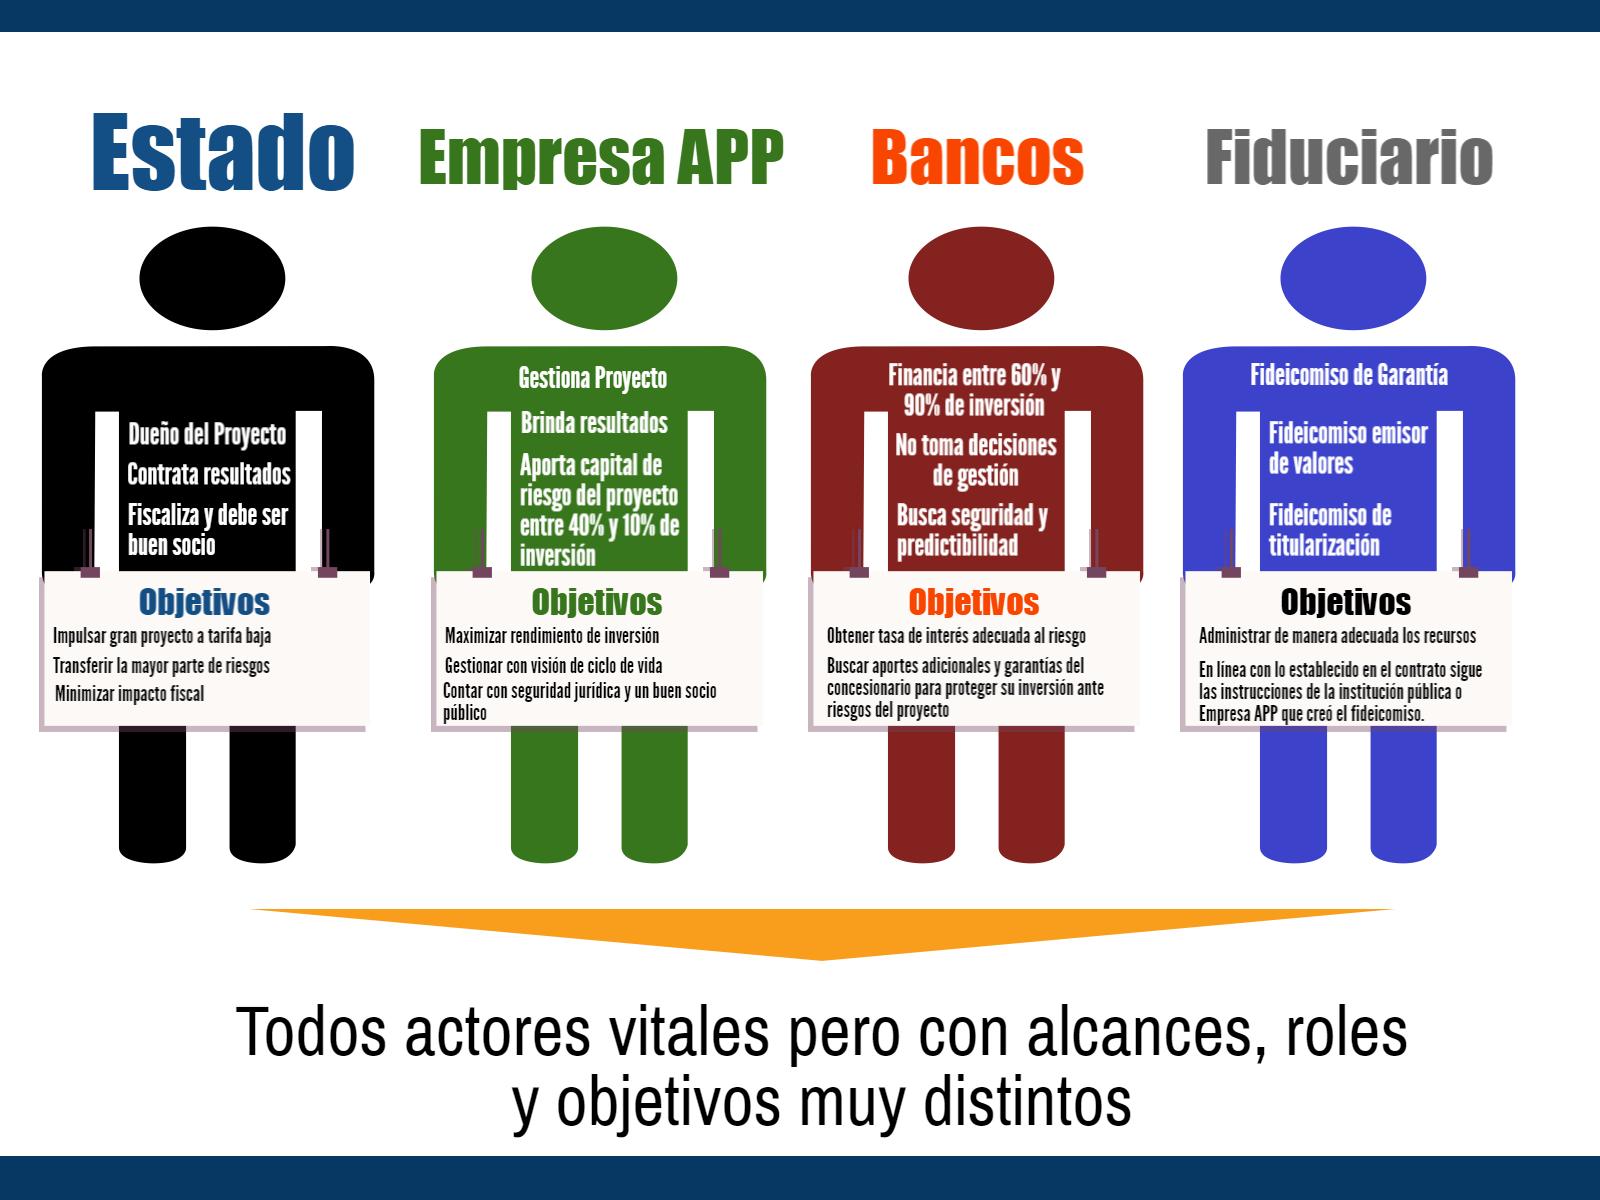 Derechos Reservados Federico Villalobos 2017.